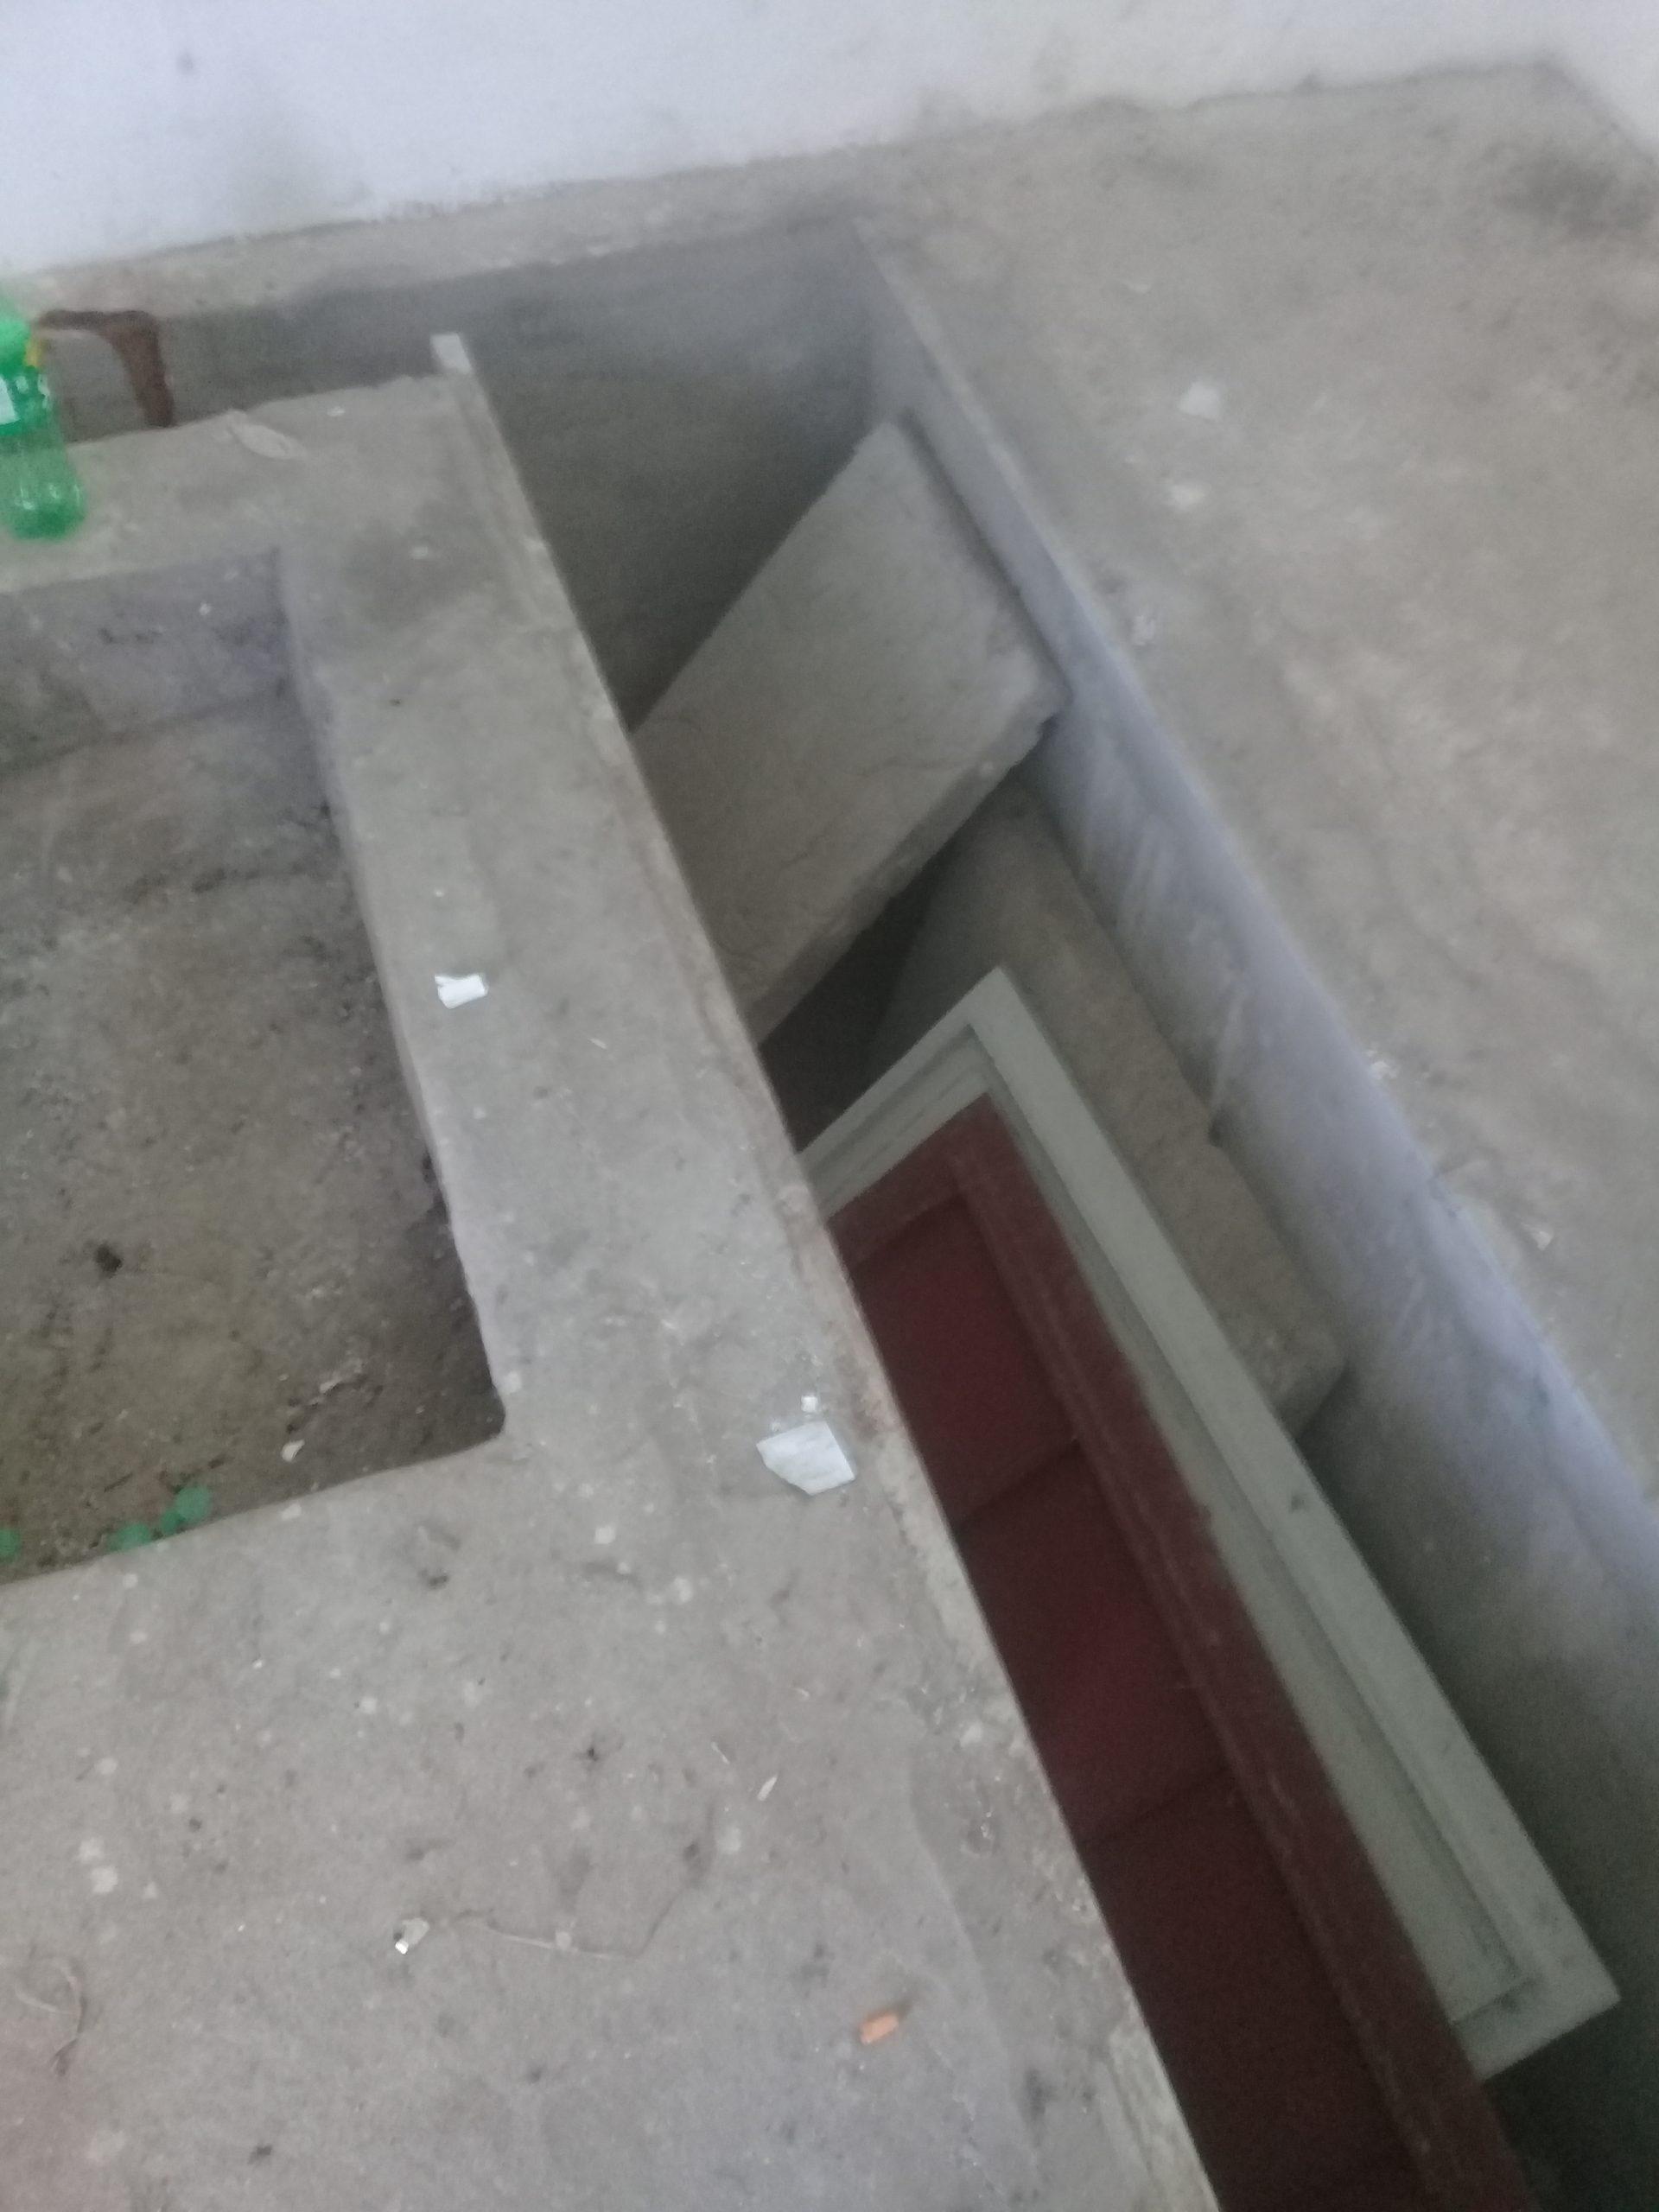 EDEA denuncia vandalismo contra Hospitales Interzonal y Modular